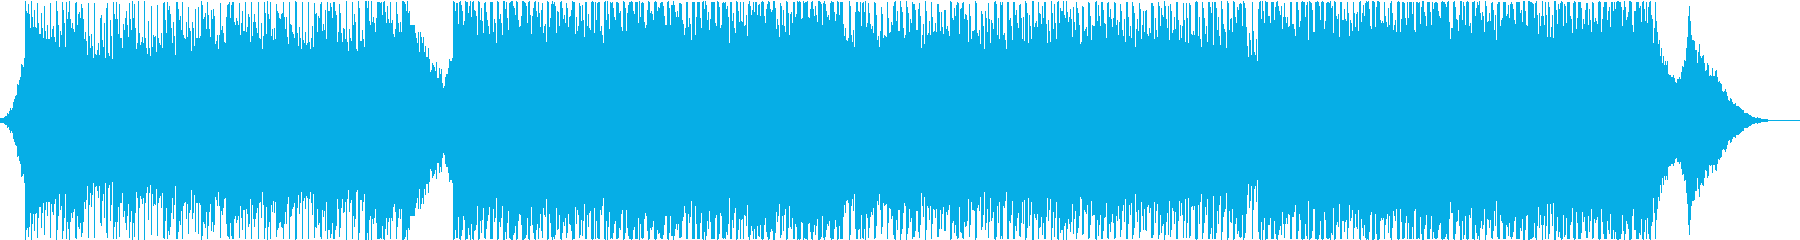 コーポレート、プレゼンテーションの再生済みの波形